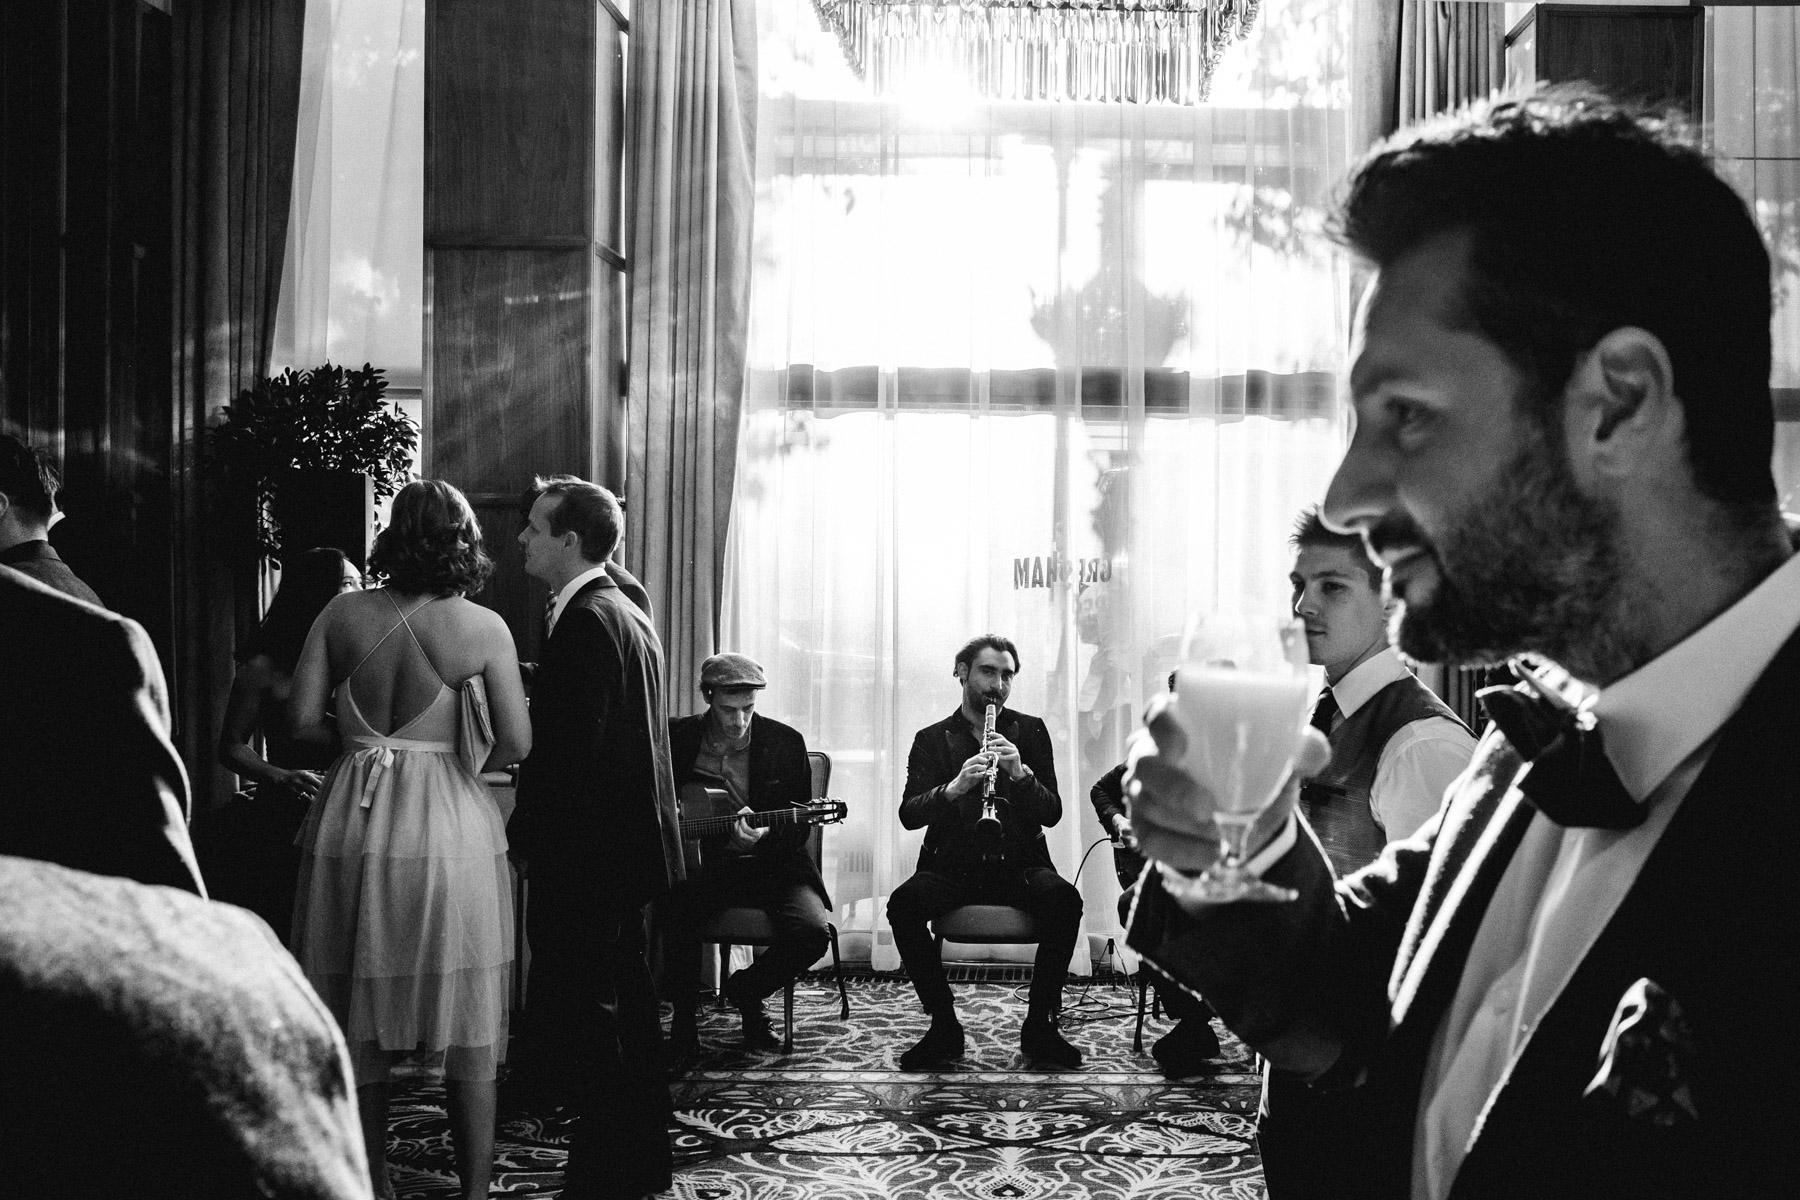 MartinLiebl_Kein_Hochzeitsfotograf_No_Wedding_Photographer_Budapest_Gresham_Palace_028.jpg